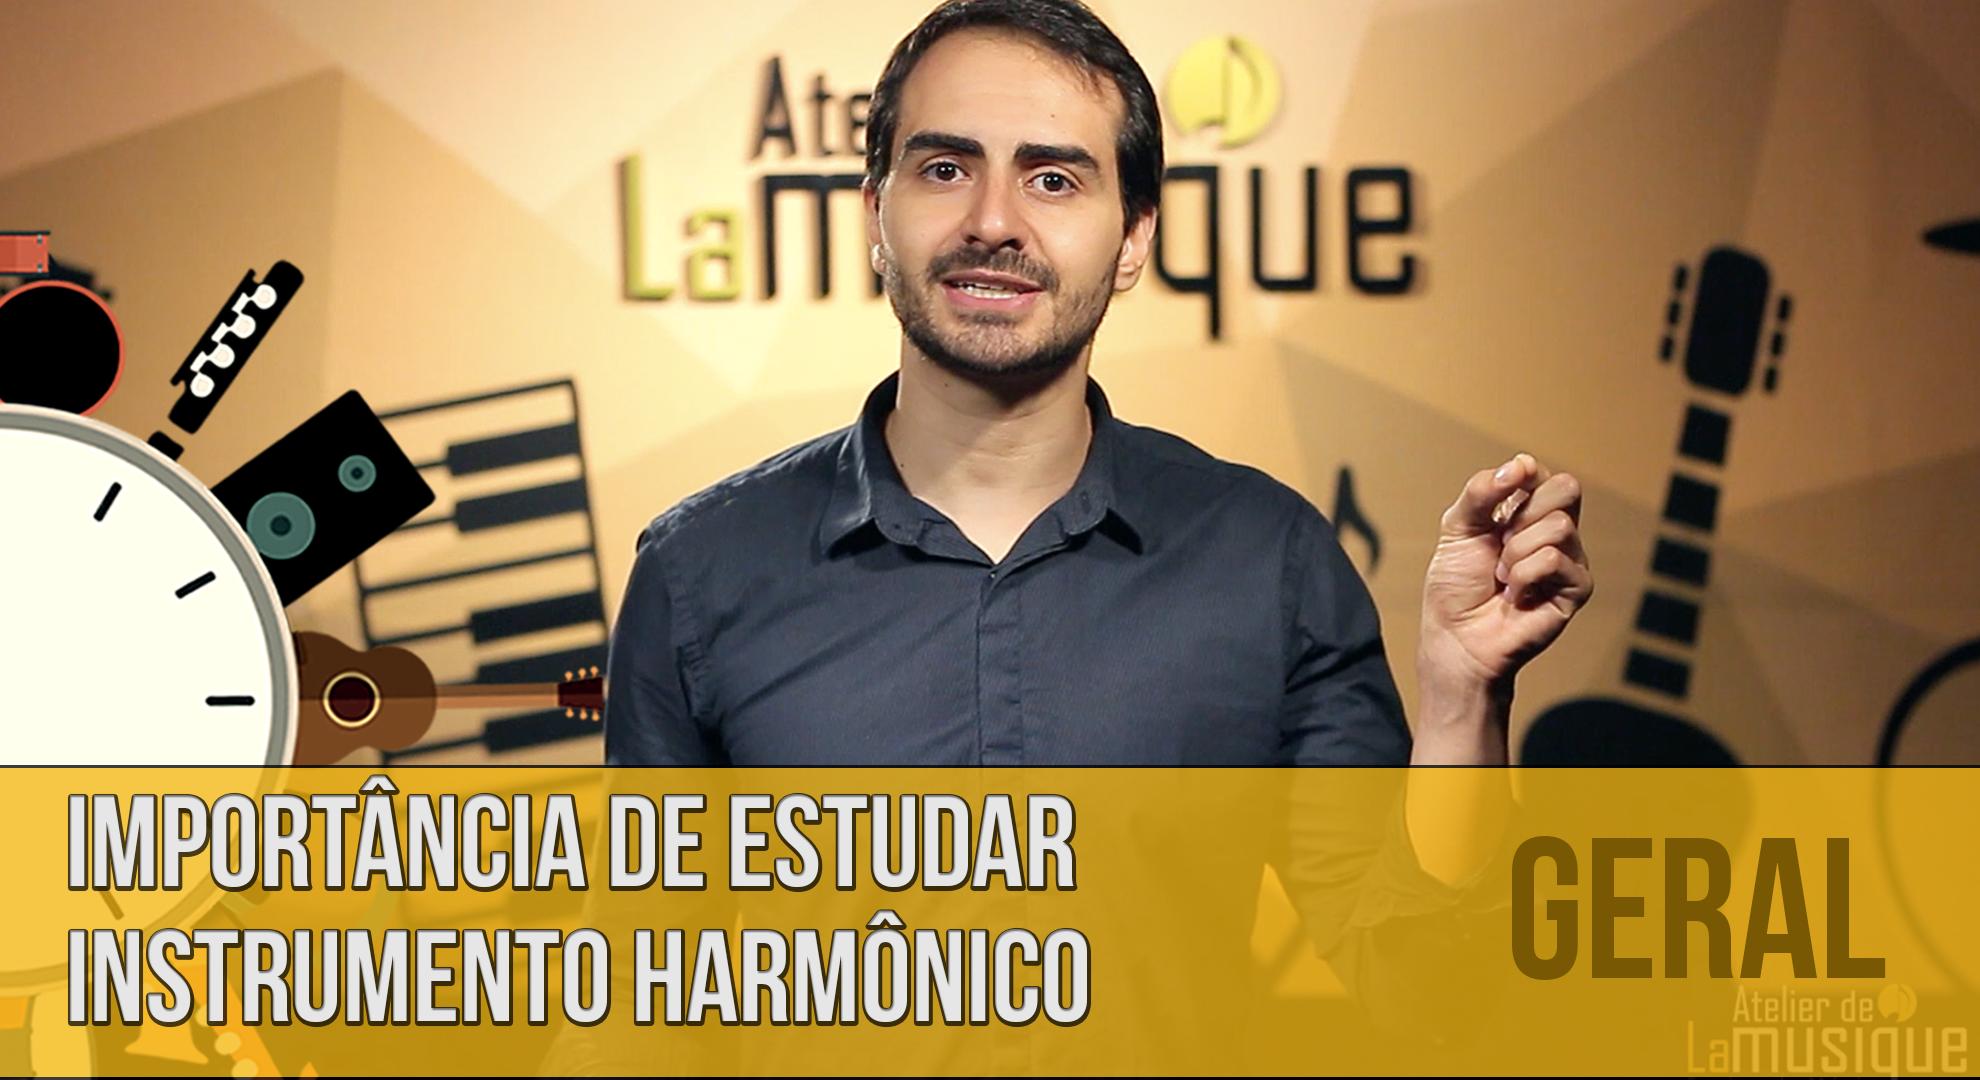 Qual a importância de saber tocar um instrumento harmônico?